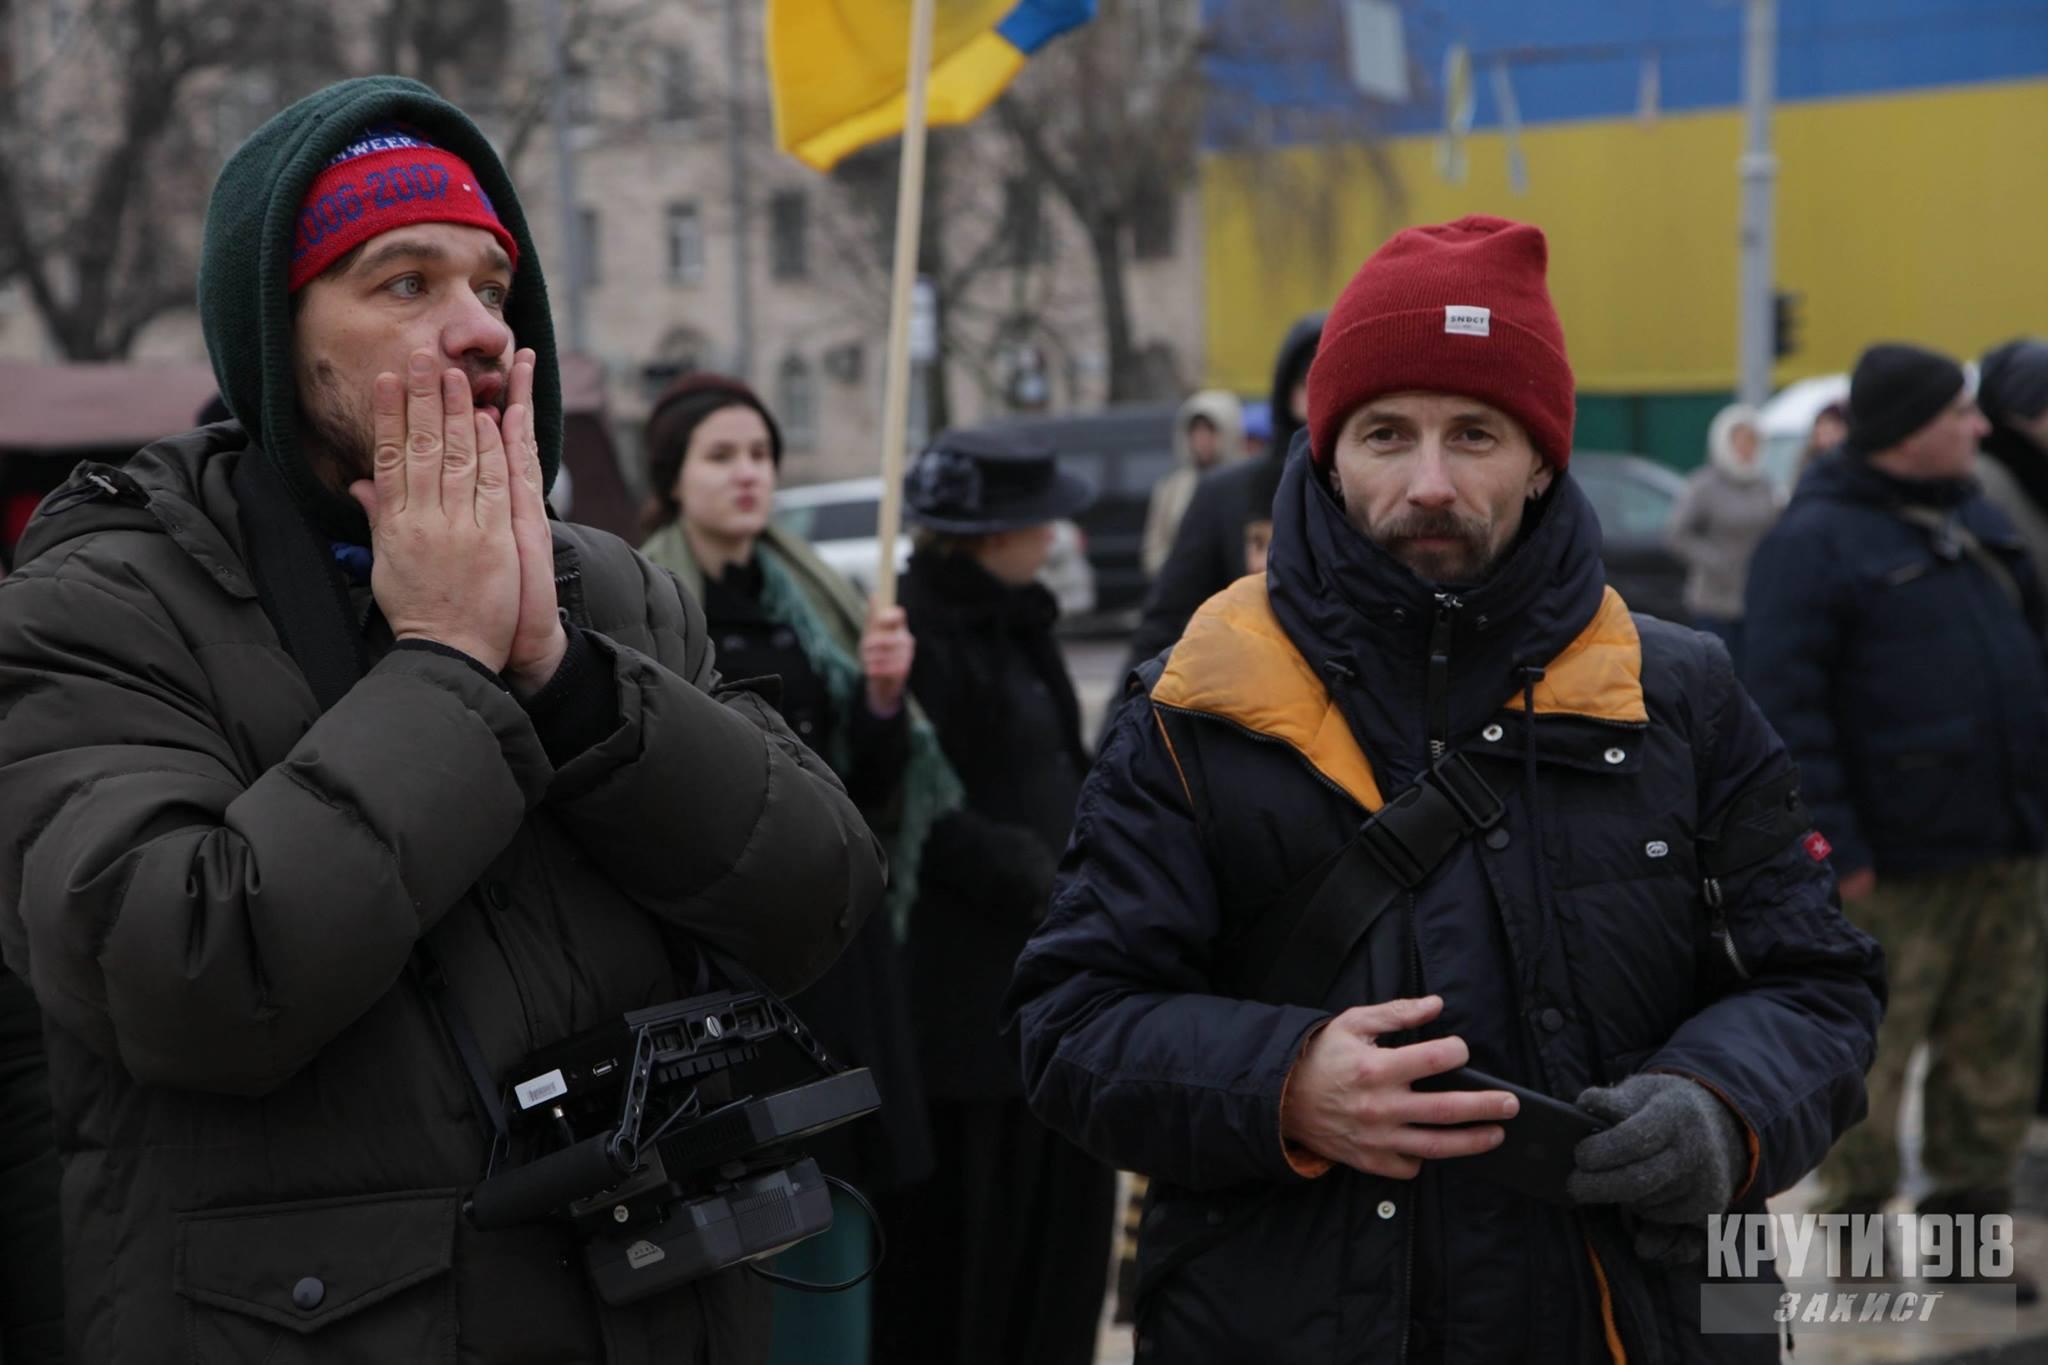 Постановщики за работой. Режиссер Алексей Шапарев и оператор Сергей Пивненко